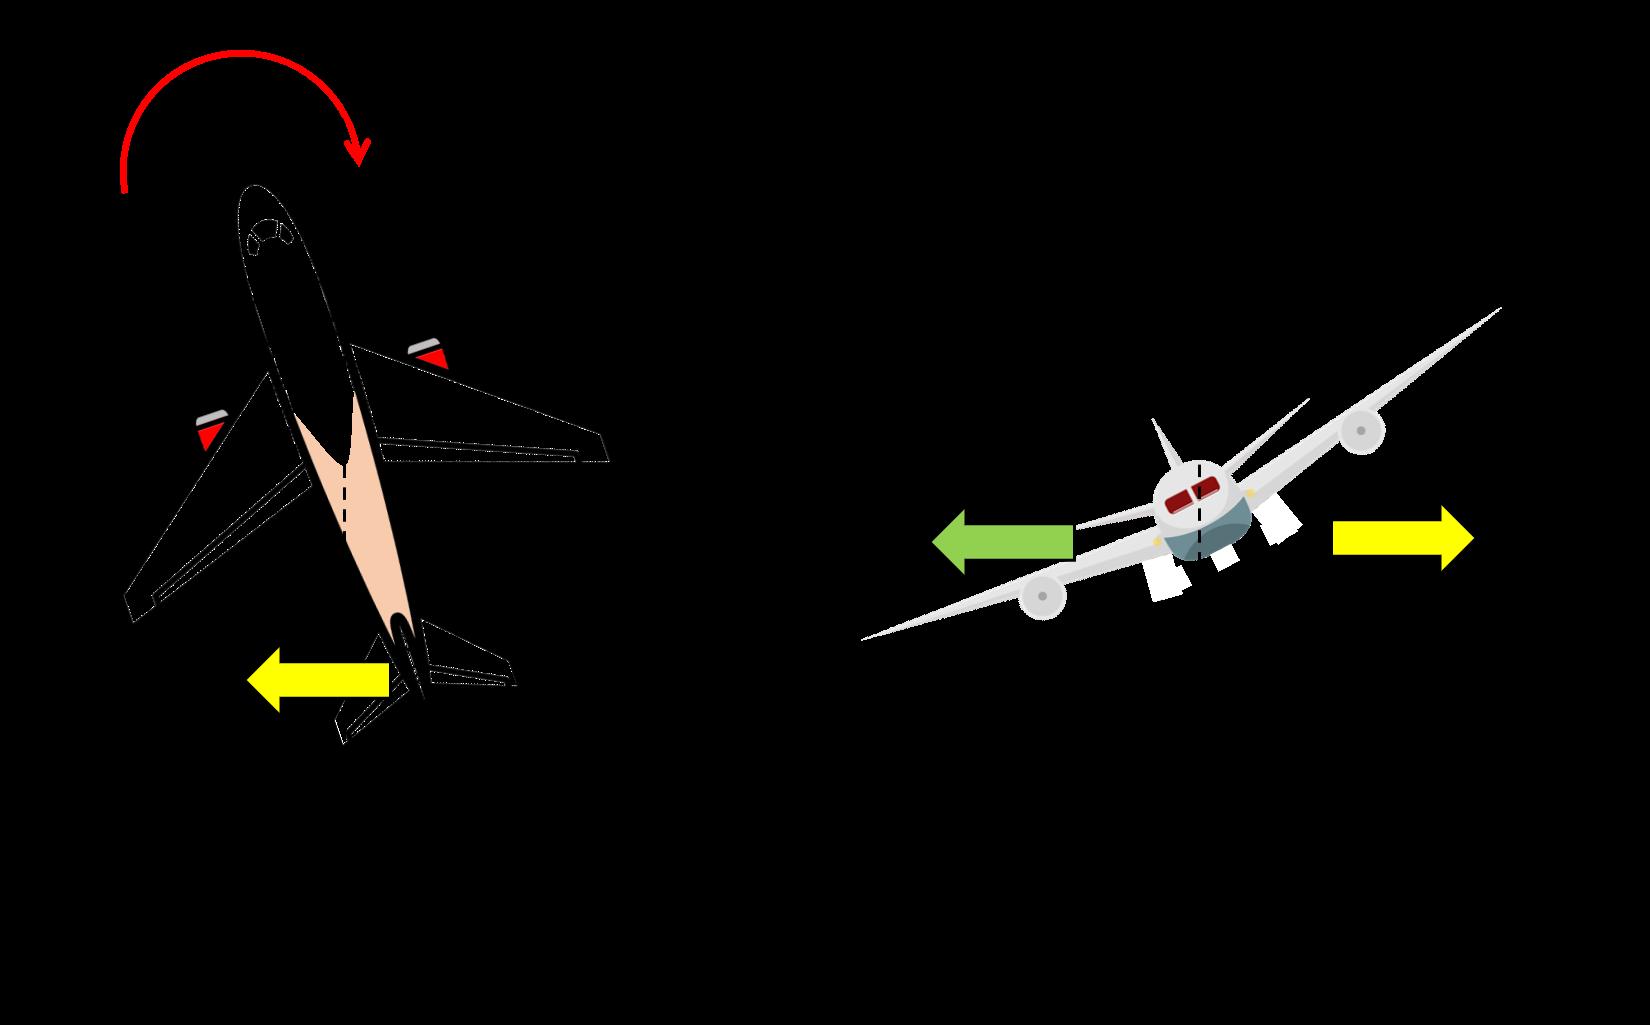 ラダーによる機首振り対処の説明